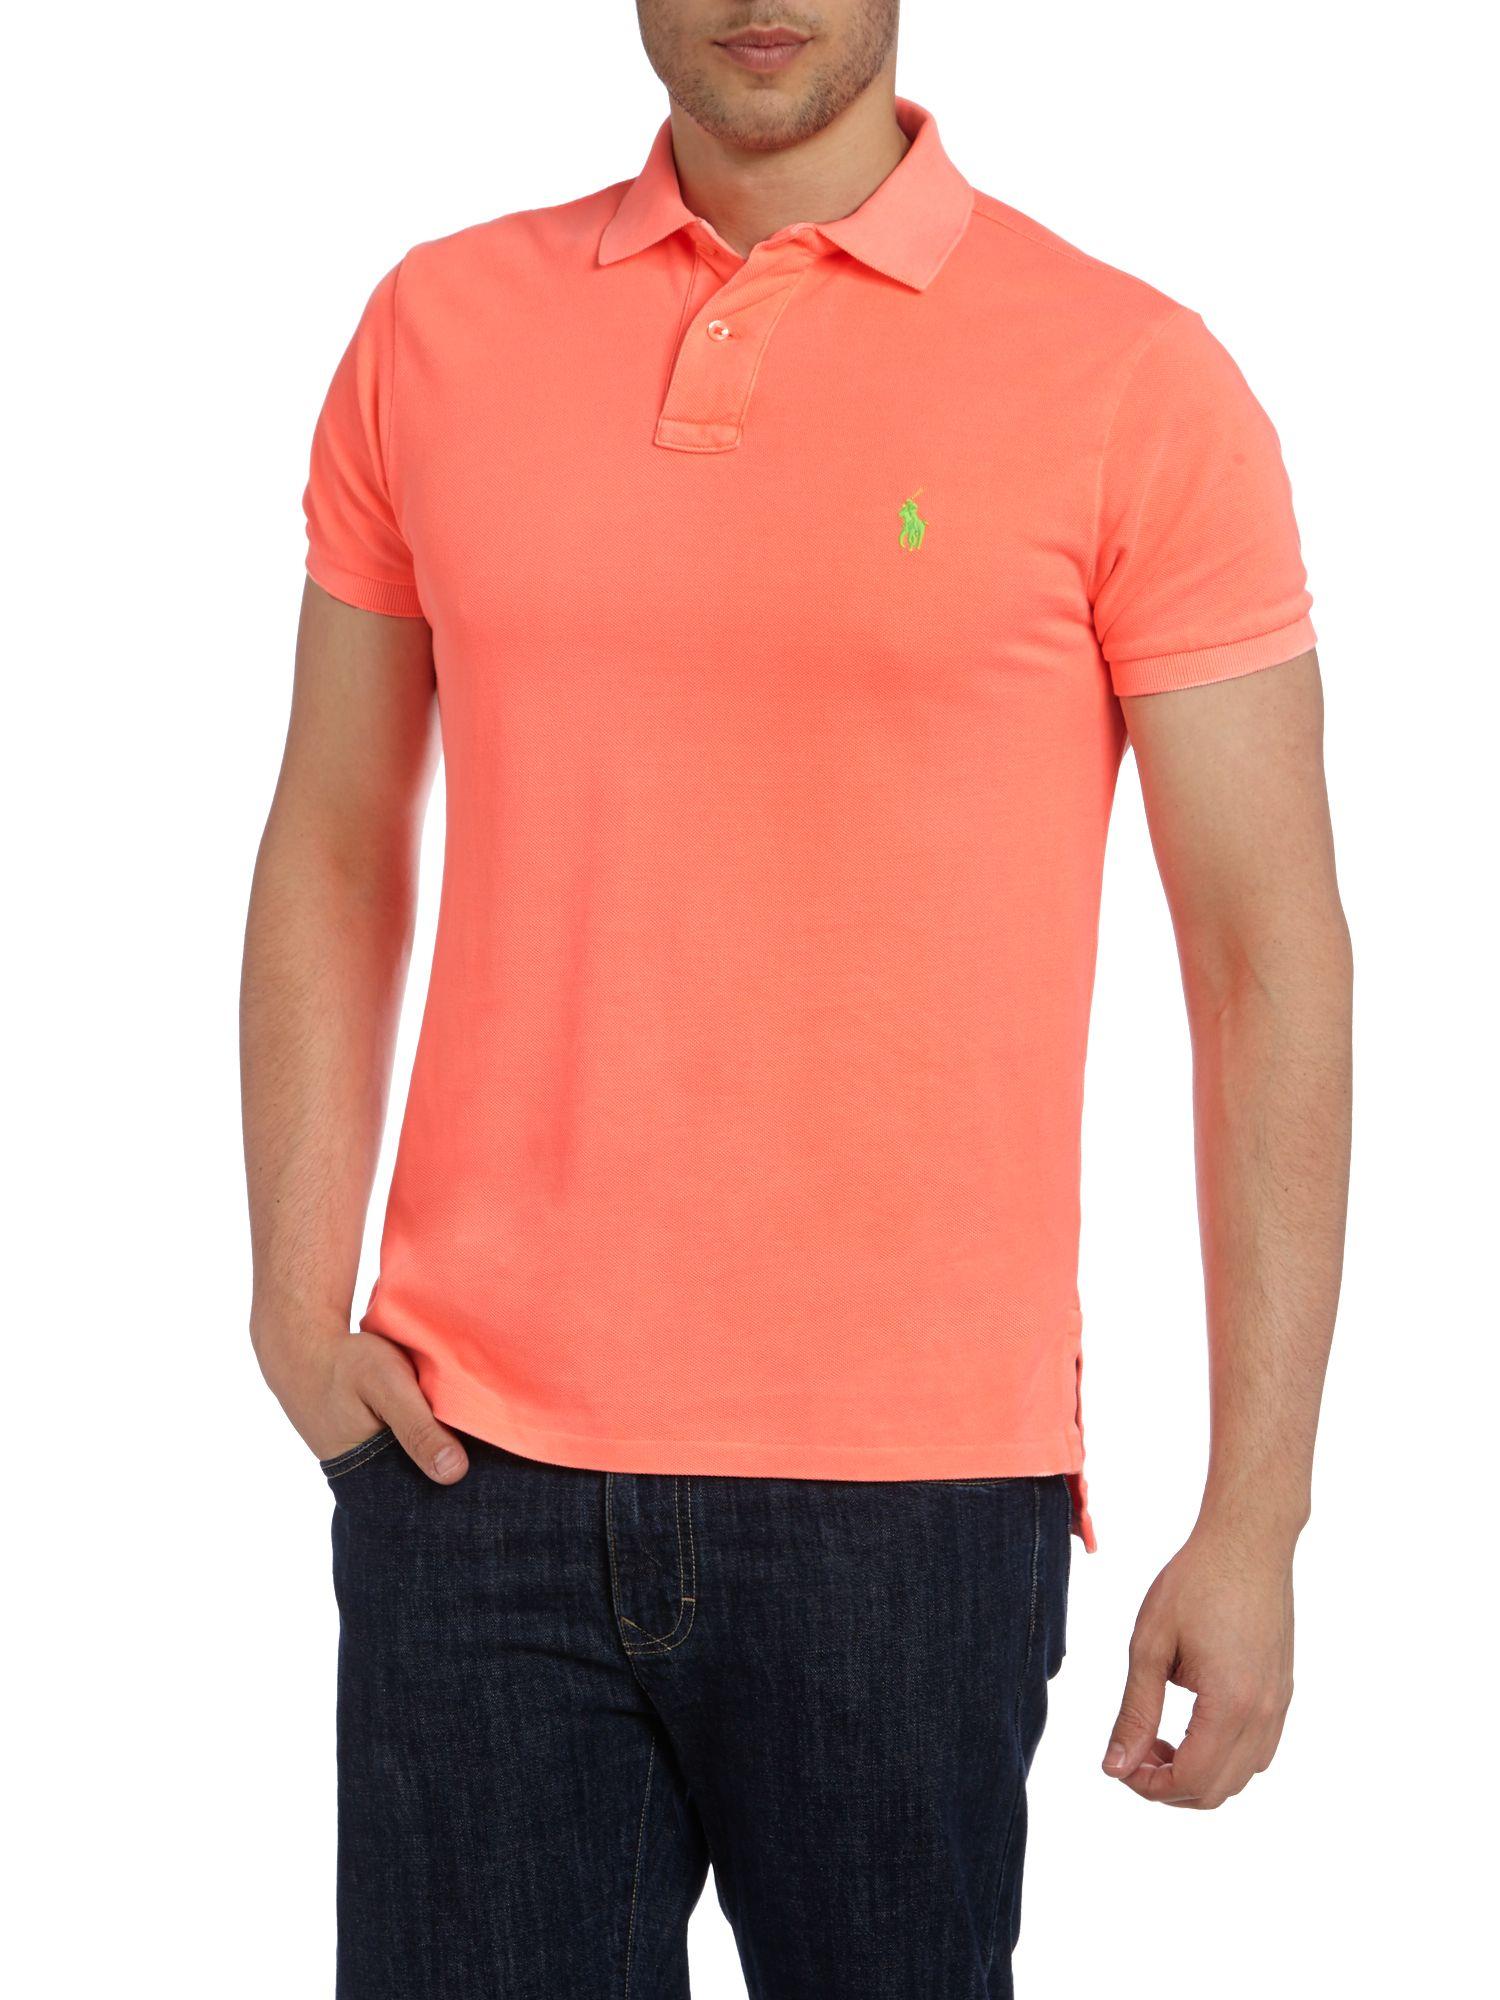 Polo ralph lauren neon polo shirt in orange for men lyst for Orange polo shirt mens